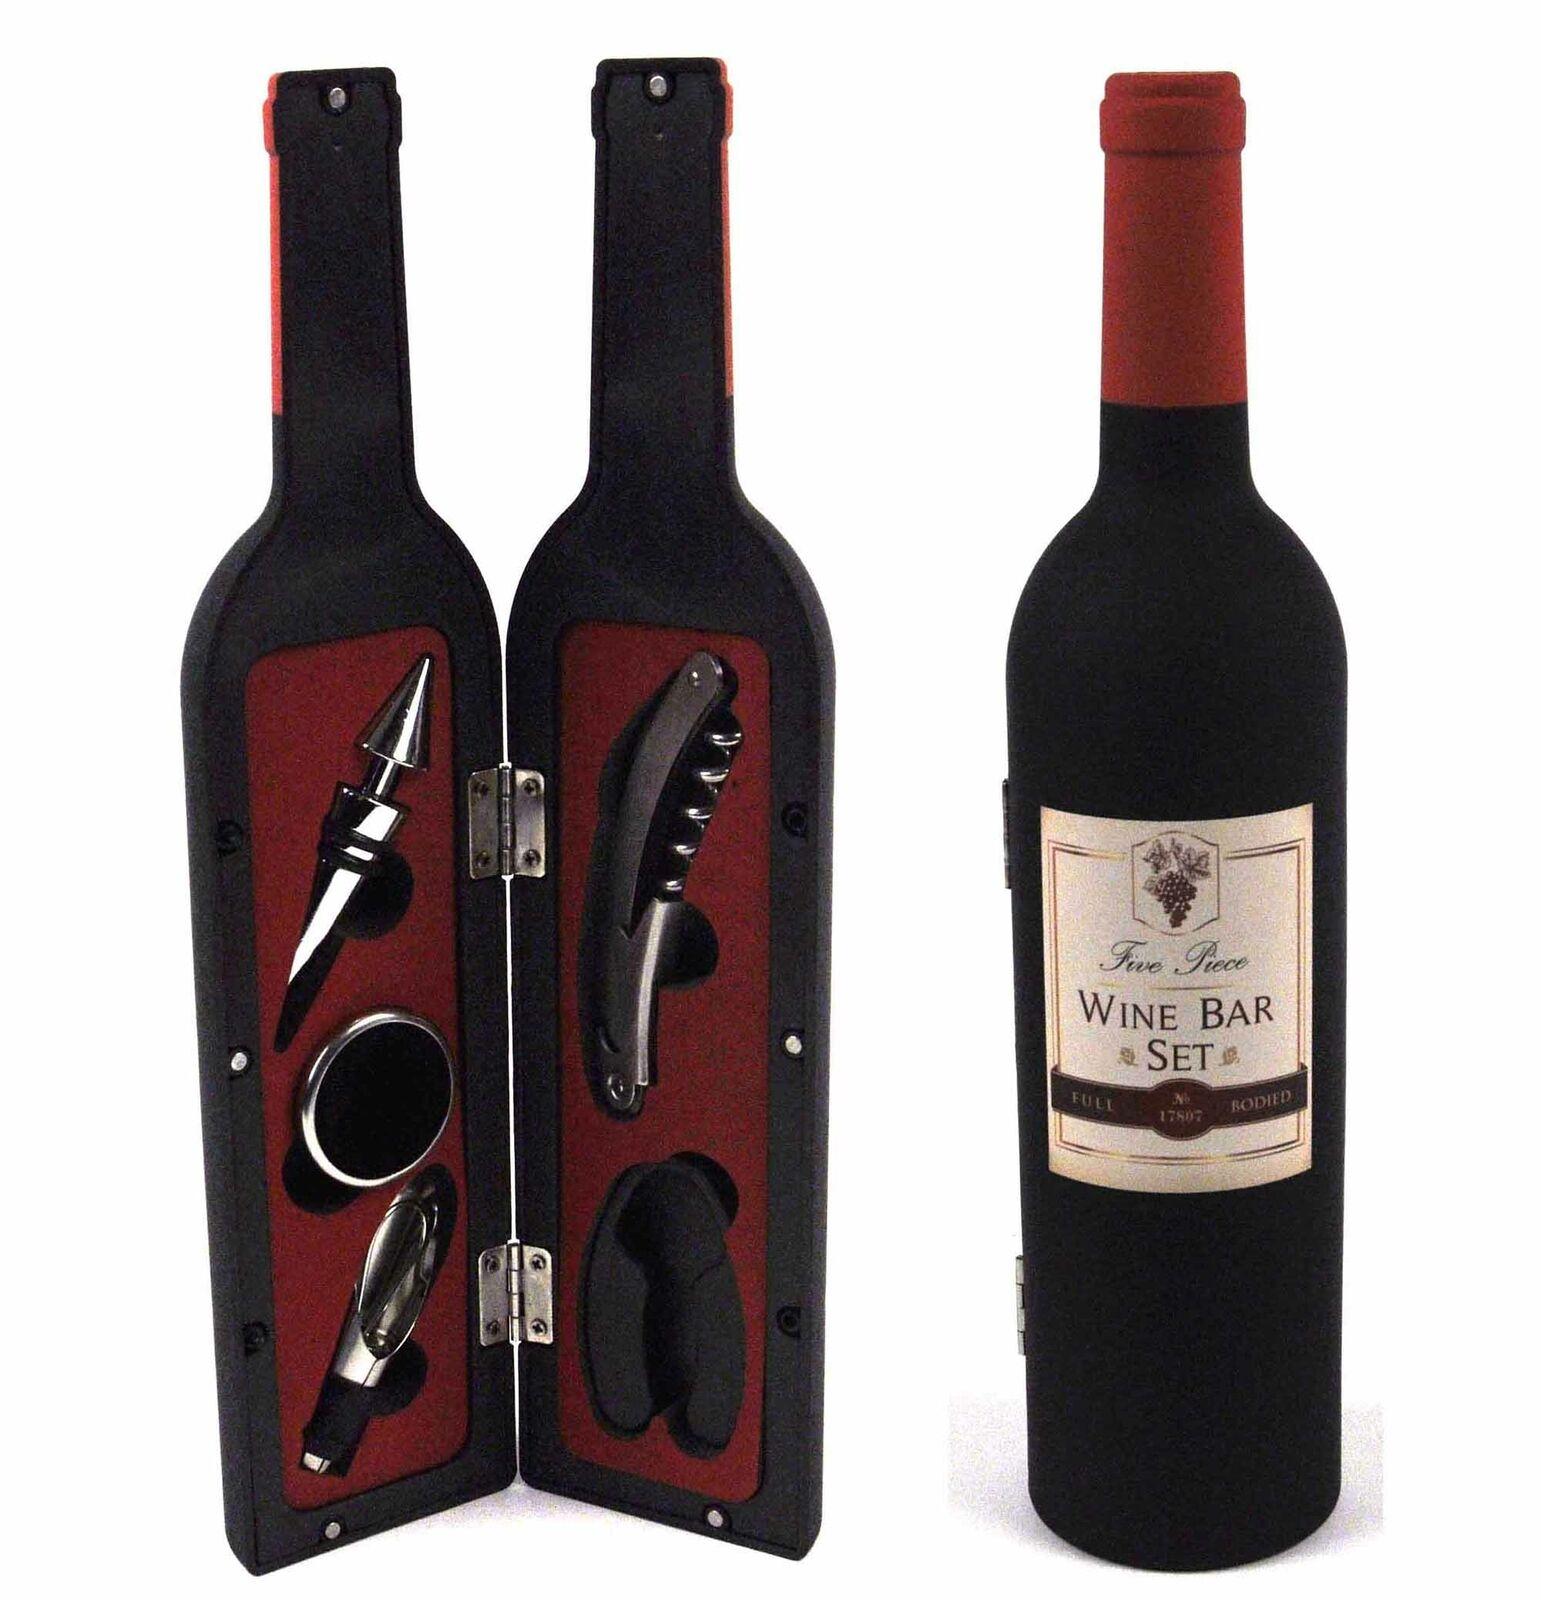 5 Teile Weinflasche Stangen Set Set Set | Zu verkaufen  a4cb40